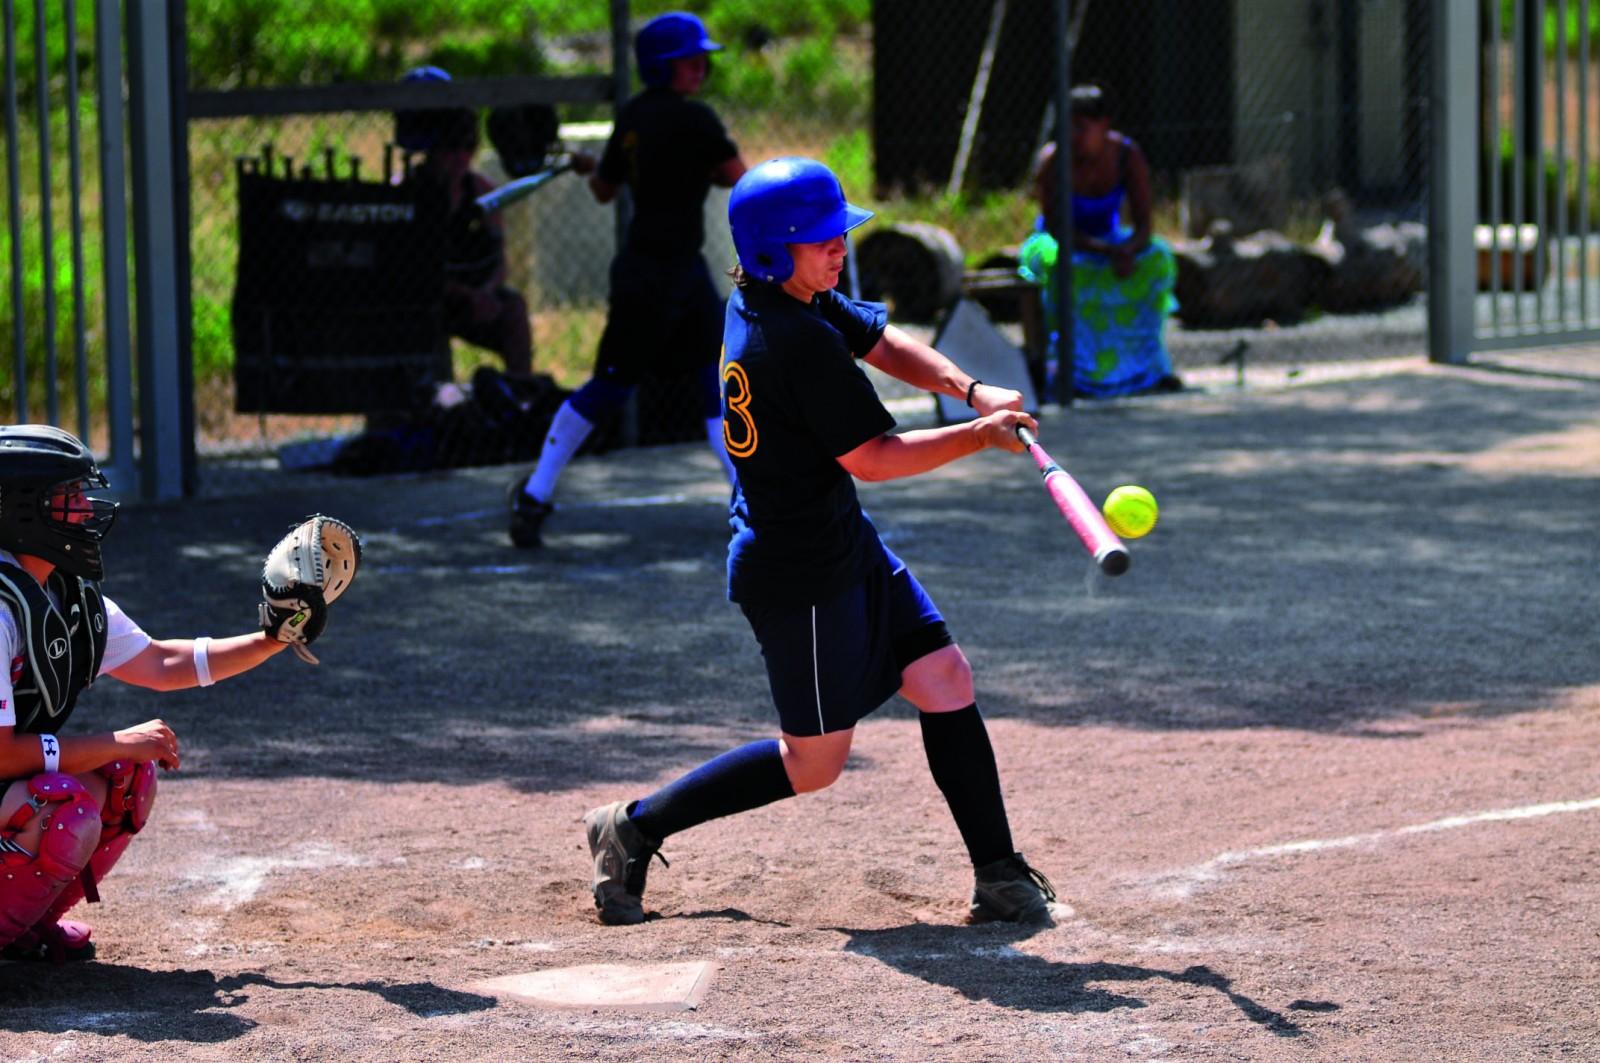 Le batteur touche la balle et doit courir pour rejoindre la première base. ©Meds